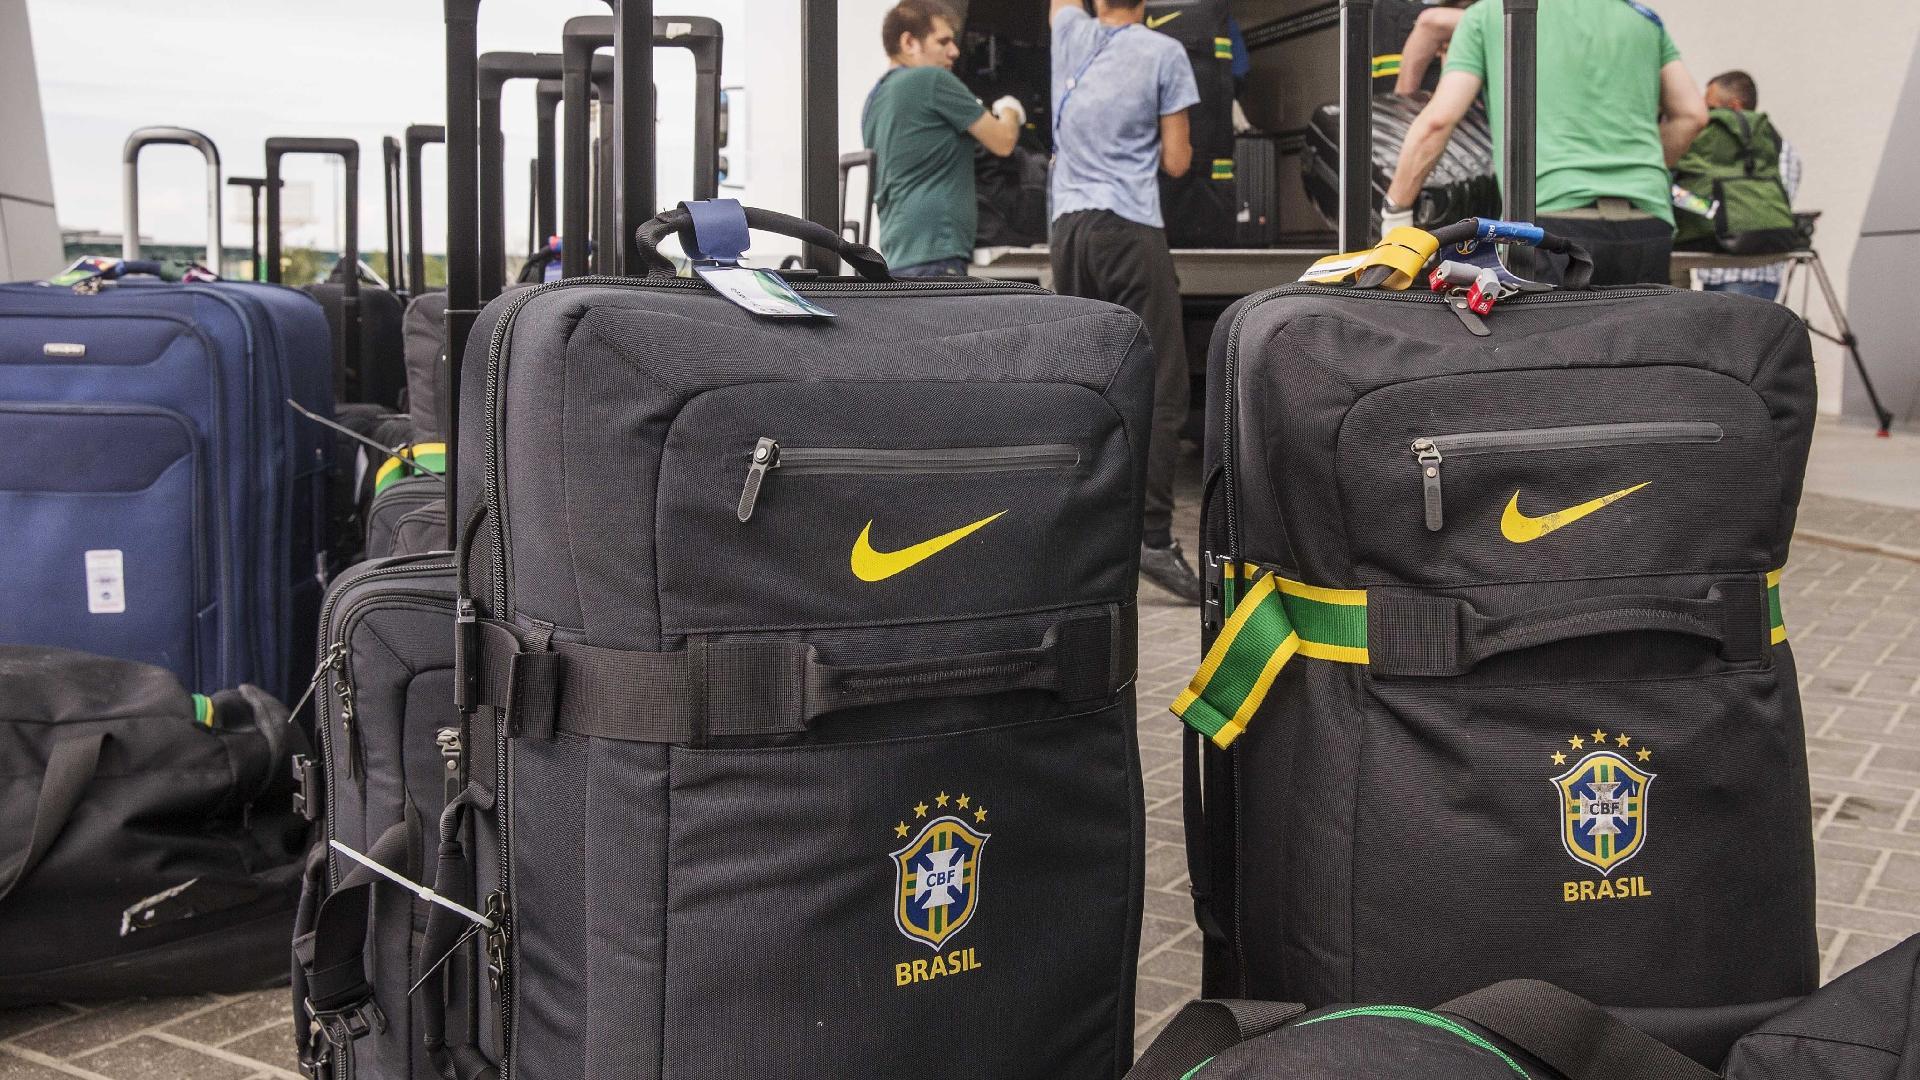 Bagagens da seleção brasileira são separadas para transporte ao aeroporto em Kazan